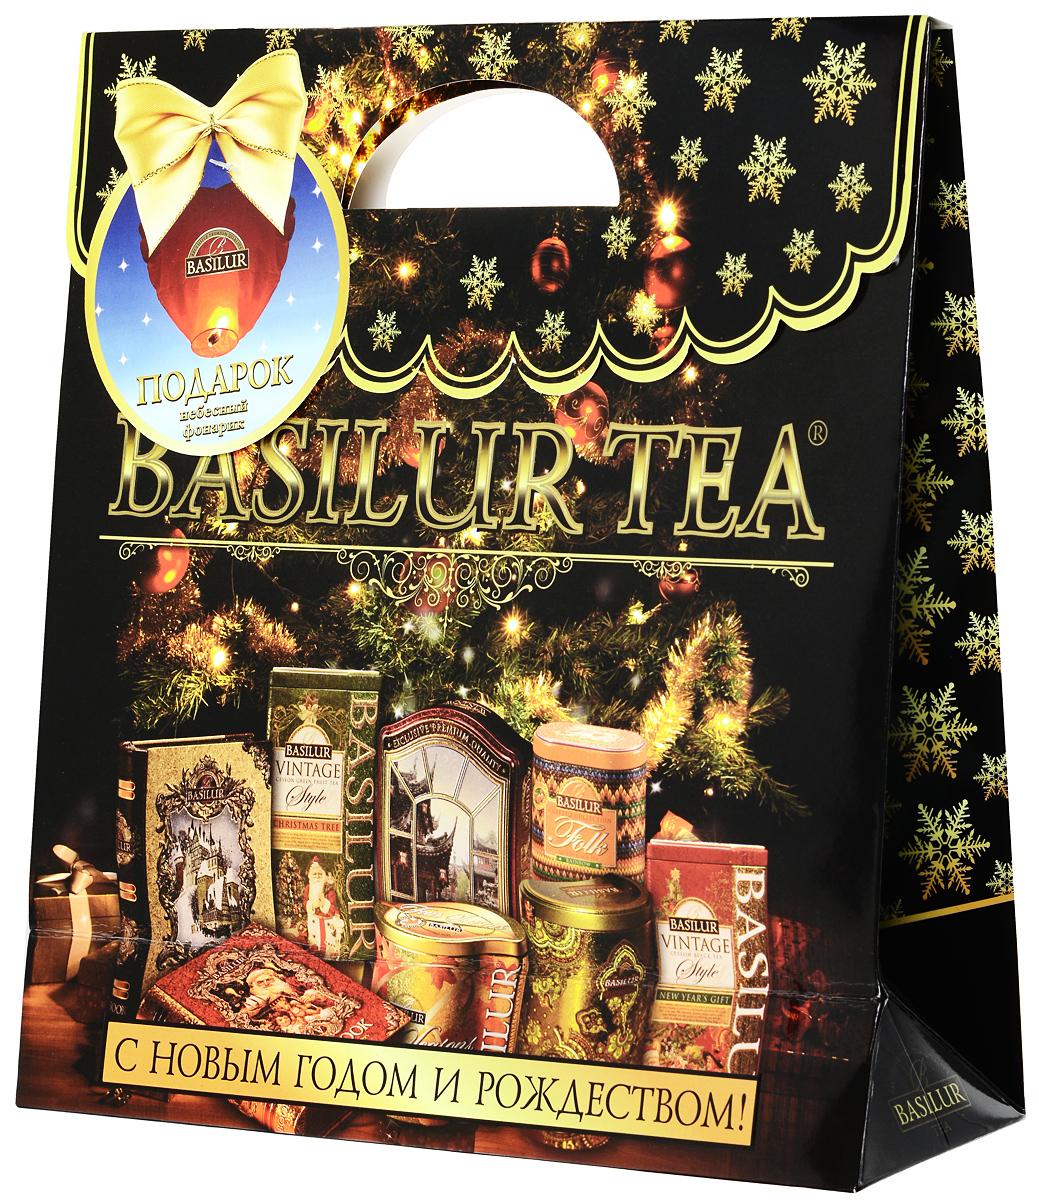 Basilur Праздничный набор №4 Вязаная Фолк Индиго, 100 г10026-00Праздничный новогодний набор Basilur включает в себя стильный пакет из дизайнерского картона с изображением подарков под новогодней ёлкой и упаковку цейлонского чая Basilur Фолк Индиго внутри. Этот превосходный напиток с ароматом свежих ягод смородины и черники создаст атмосферу уюта, а приятным сюрпризом для получившего этот праздничный набор в подарок, станет небесный фонарик, который помогает заветному желанию сбыться!